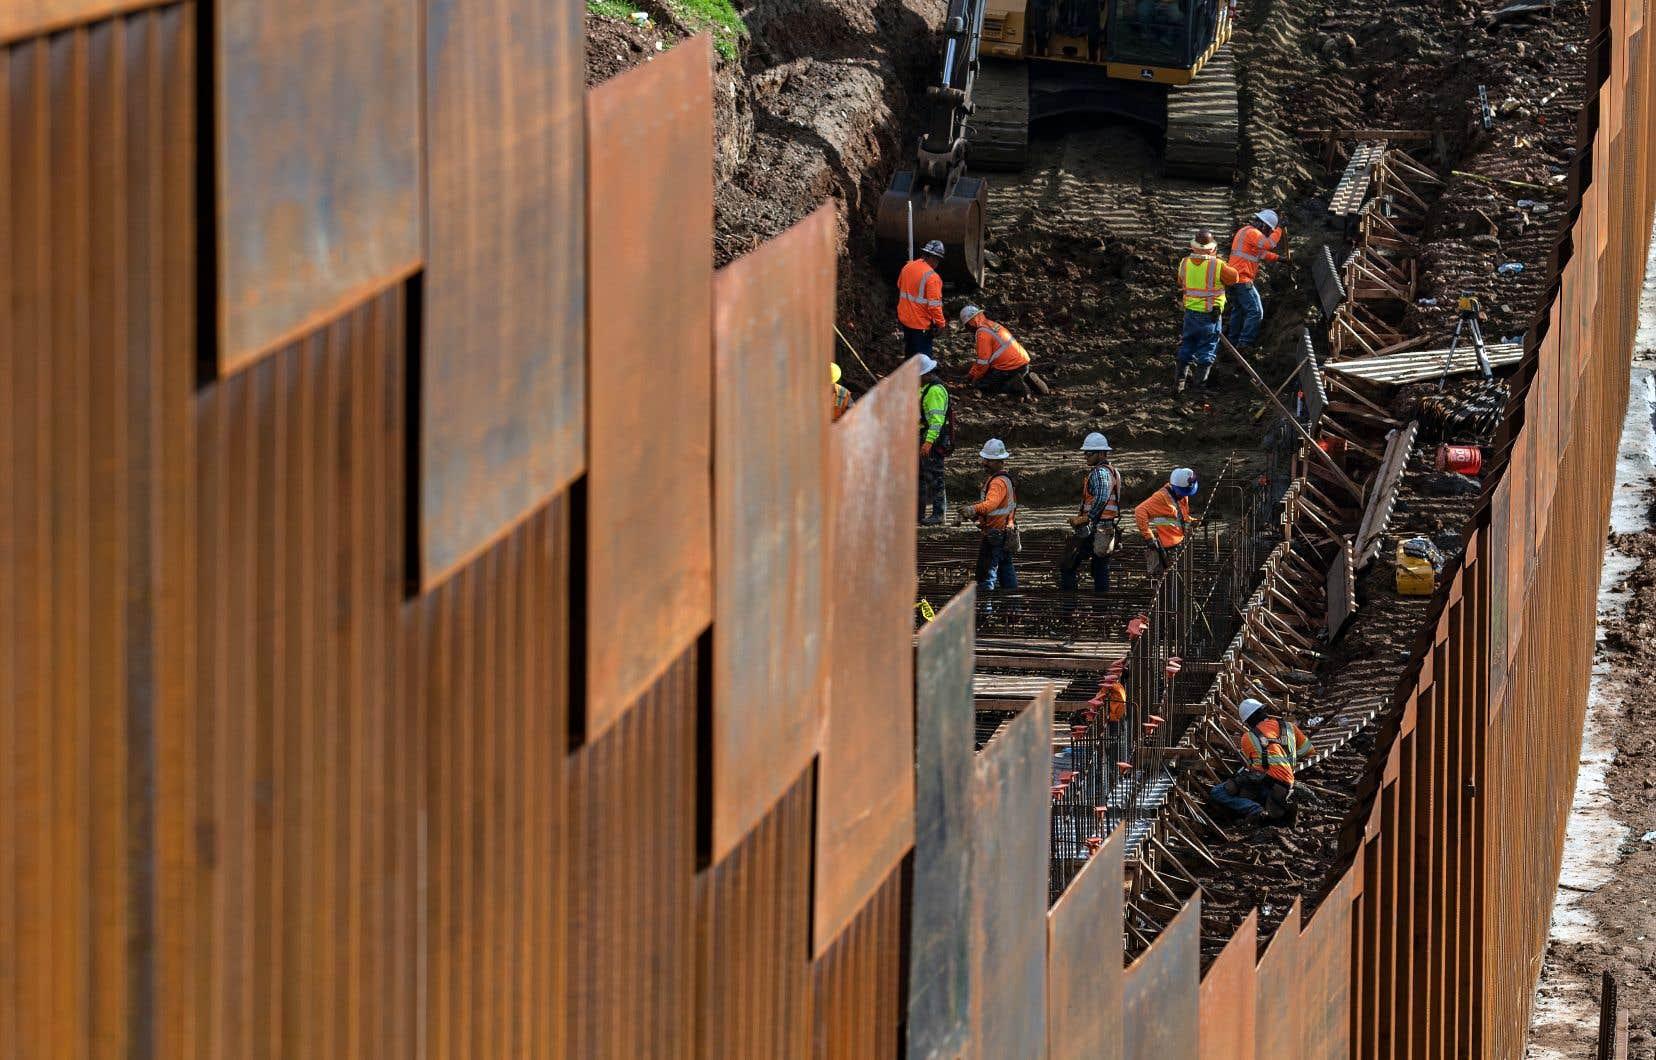 Des travailleurs renforçaient une partie du mur entre les États-Unis et le Mexique, en janvier. Environ un tiers de cette frontière est déjà sécurisé par un mur, des barrières ou des barbelés.